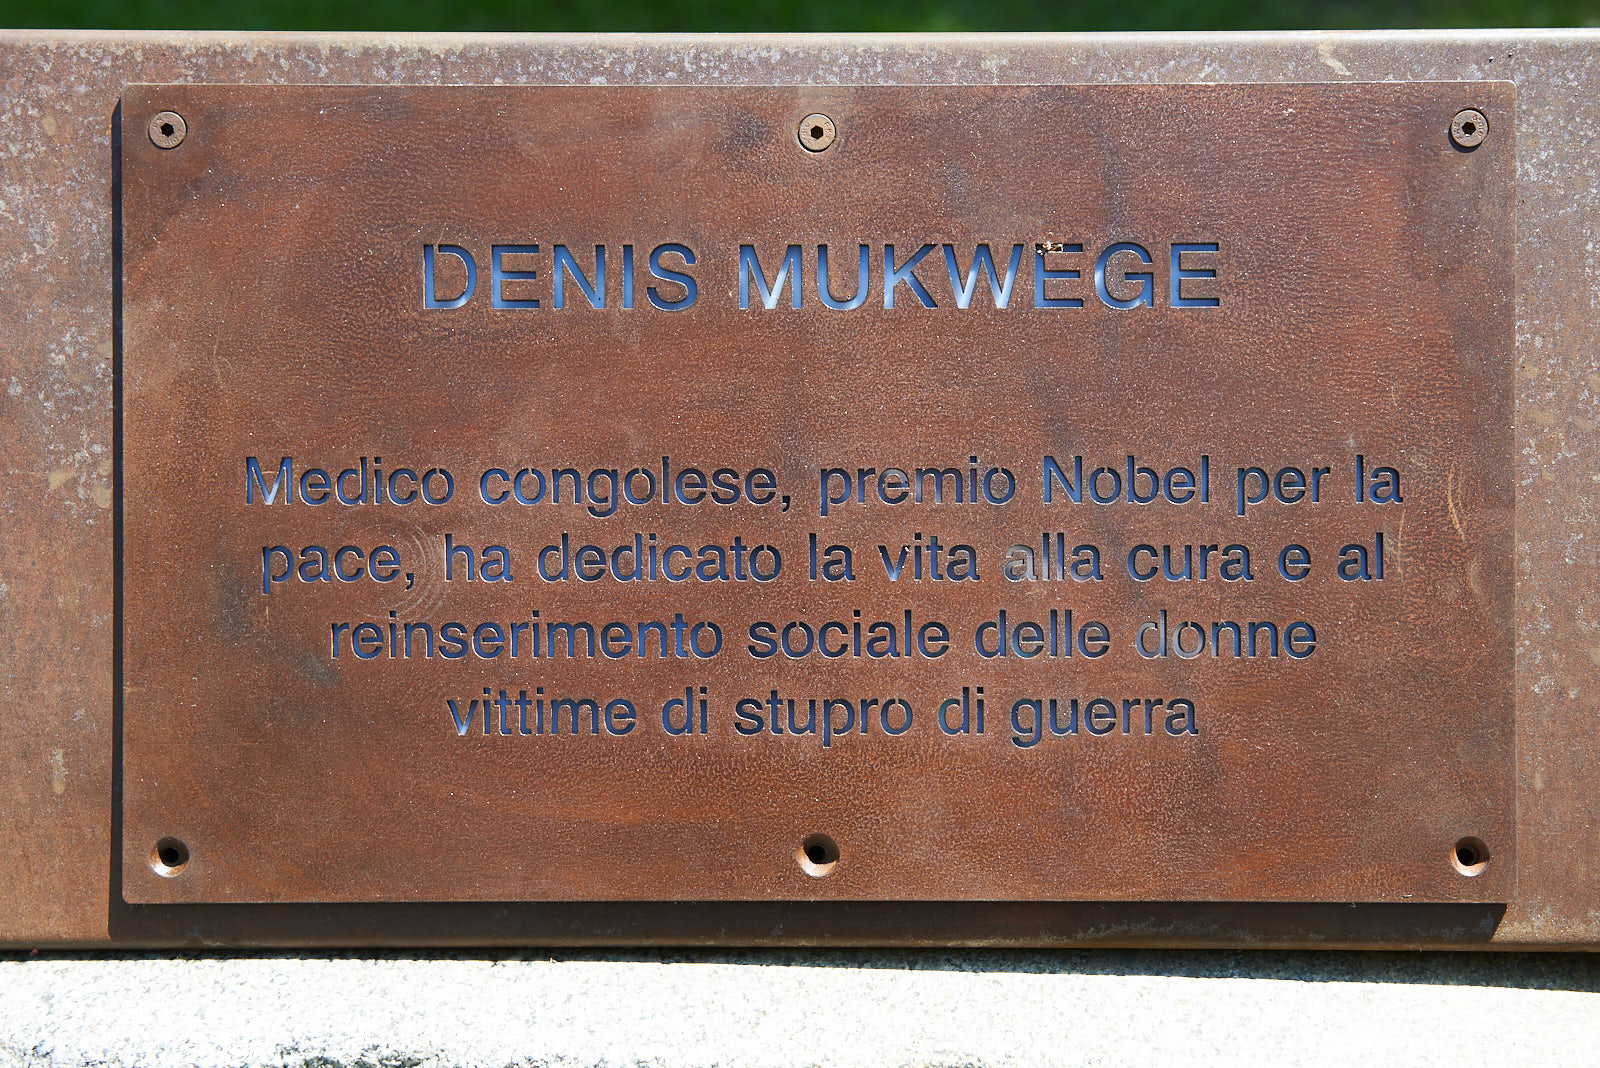 the plaque dedicated to Denis Mukwege